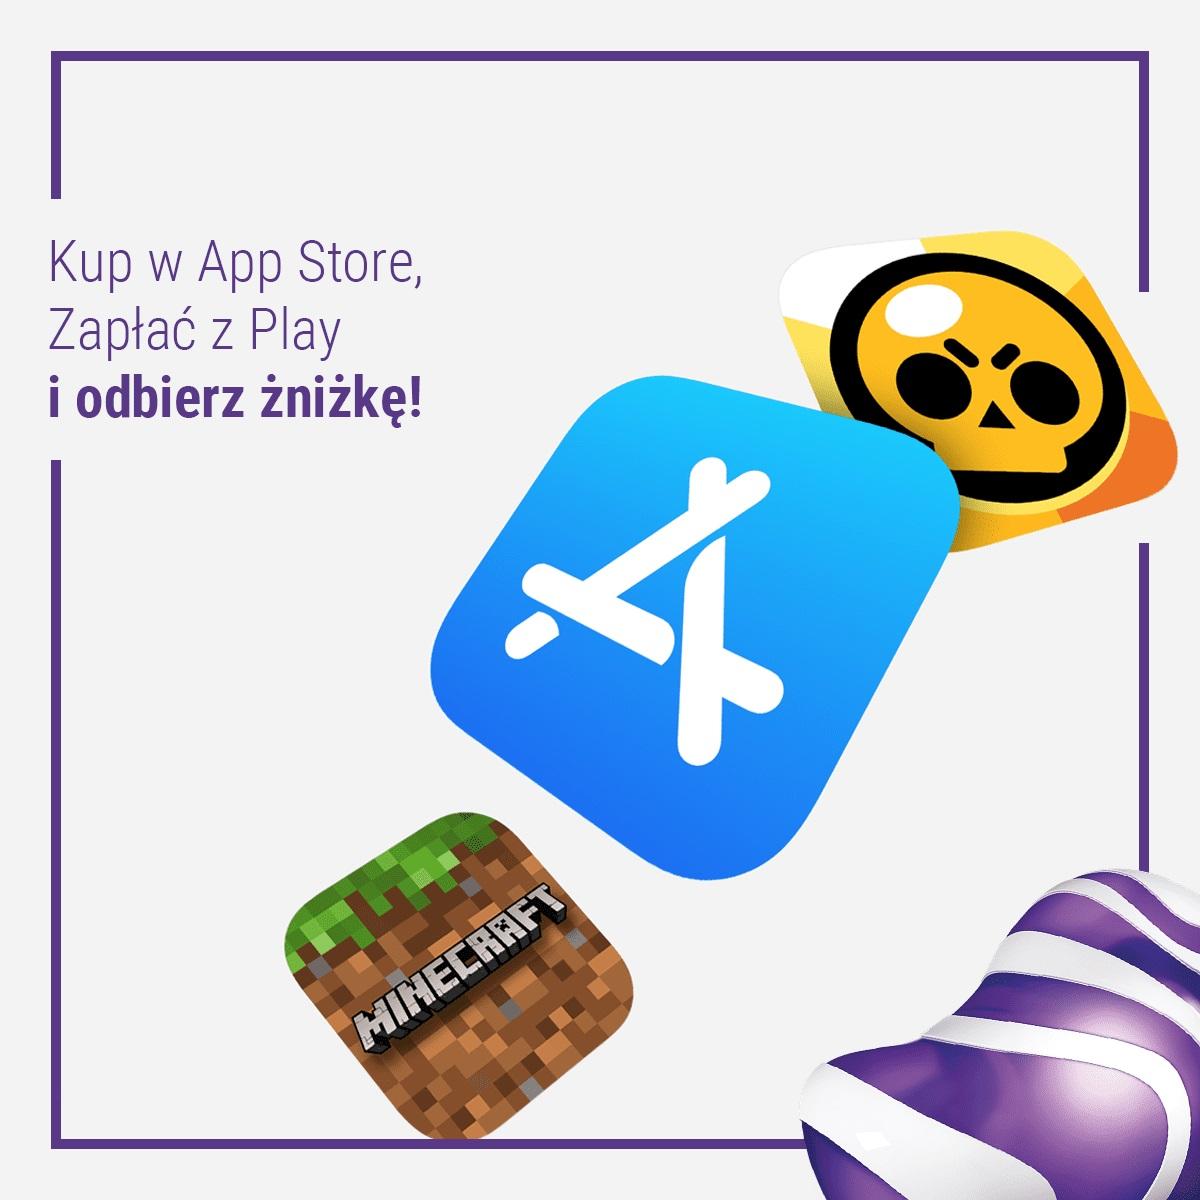 promocja Zapłać z Play App Store